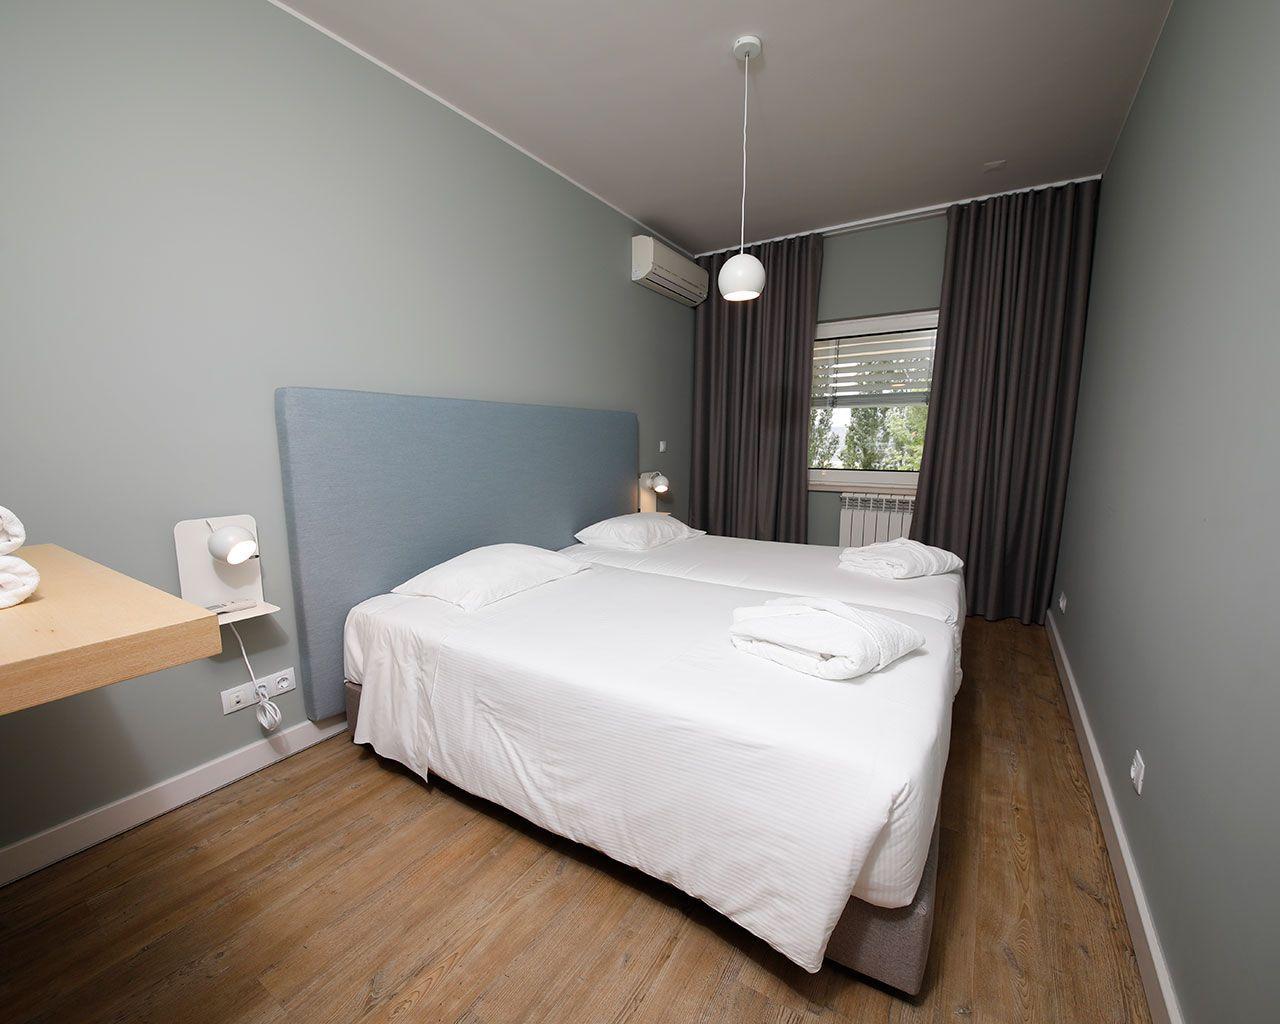 Quarto - Apartamento T2 Premium